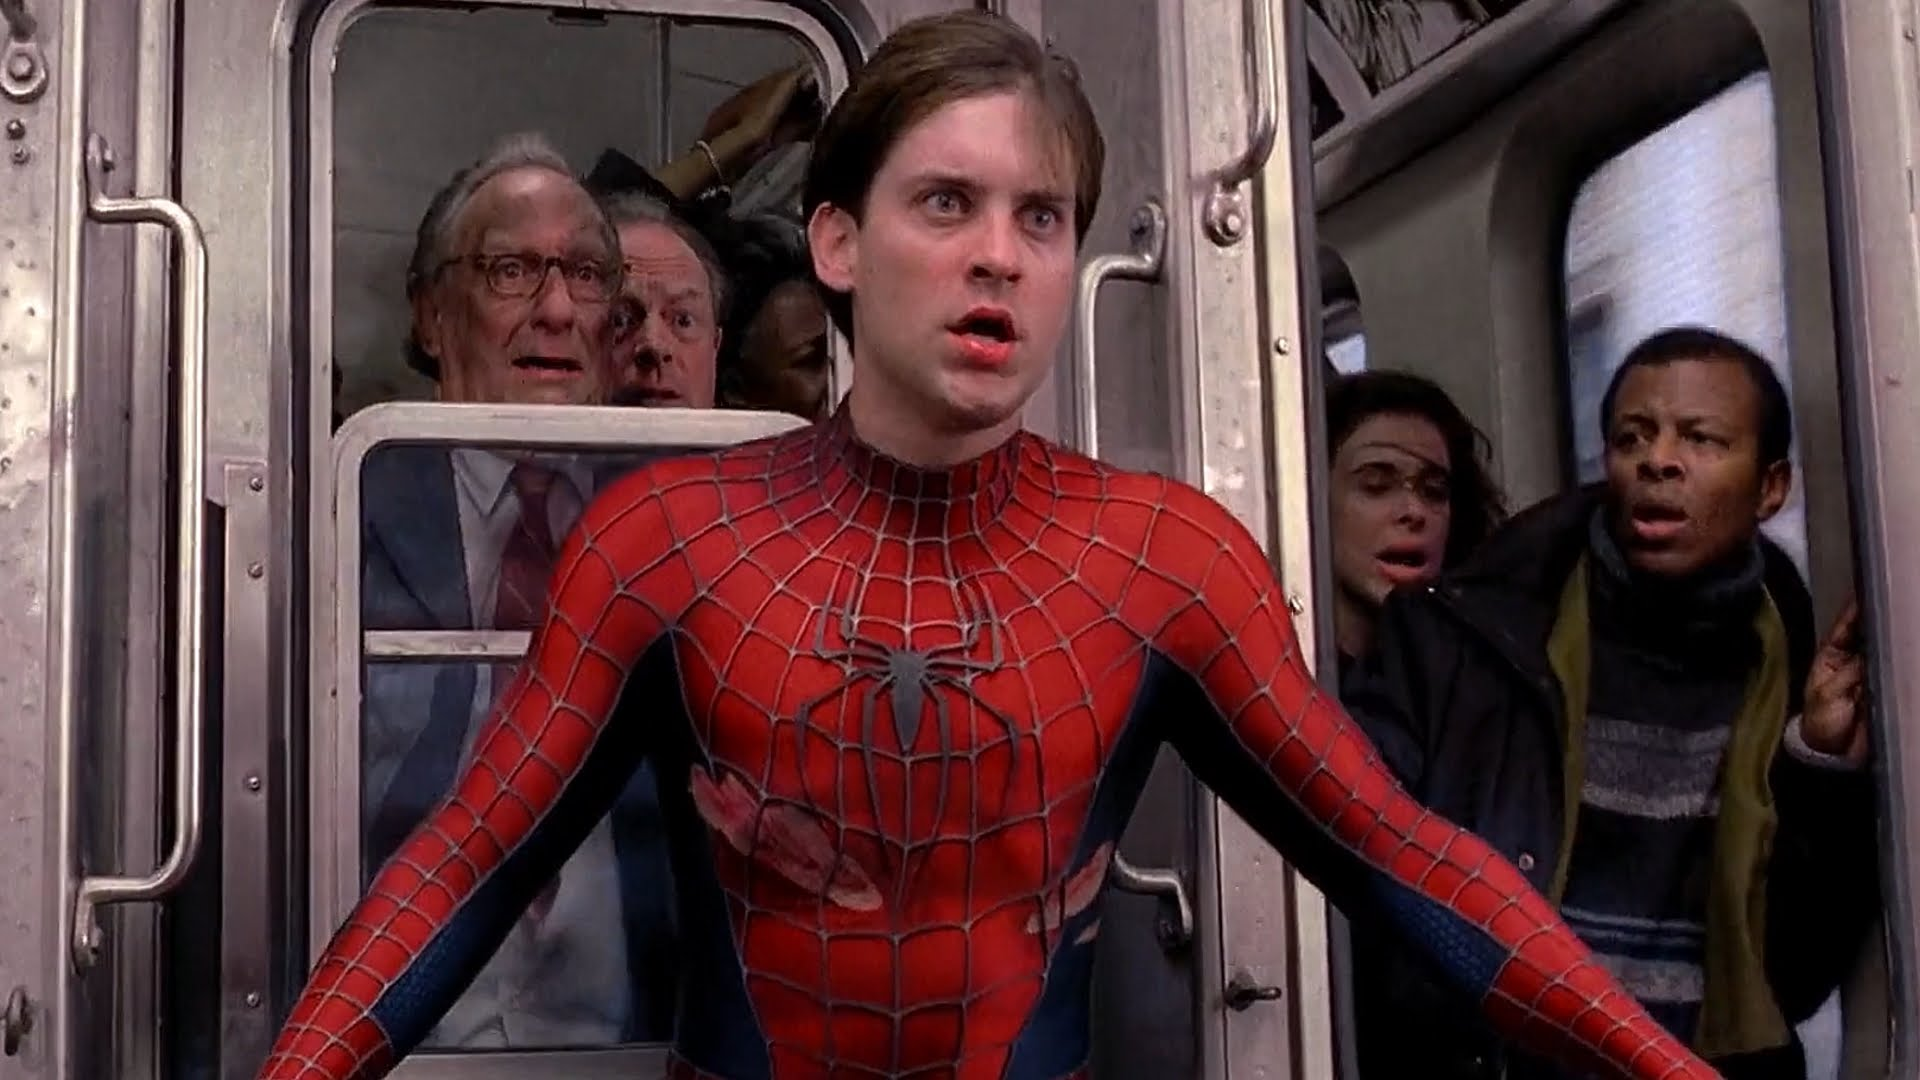 Spider-Man Train Scene